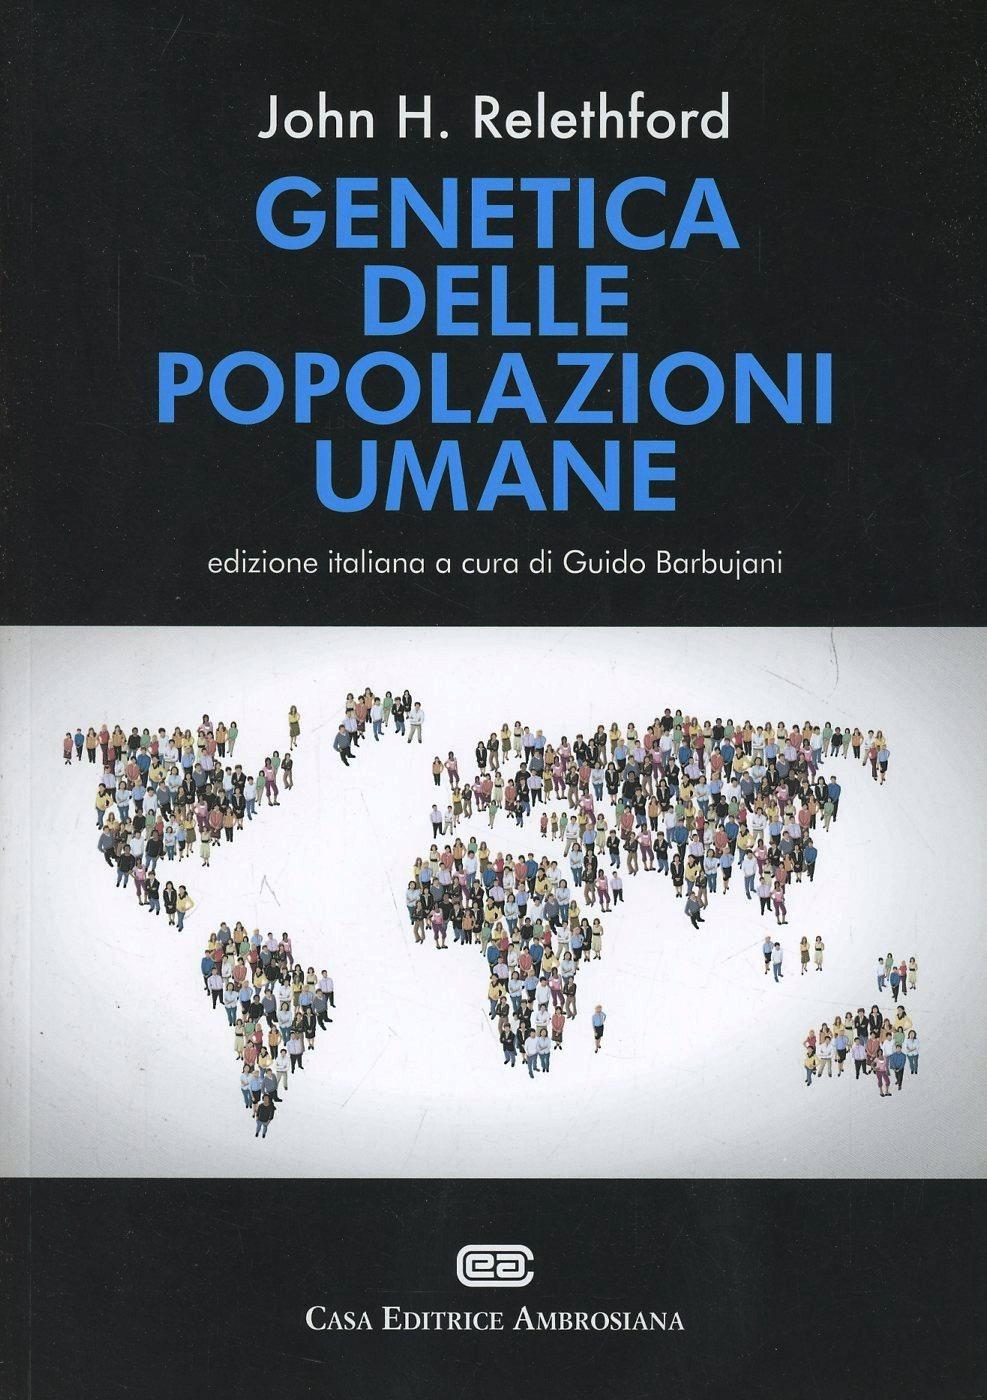 Genetica delle popolazioni umane